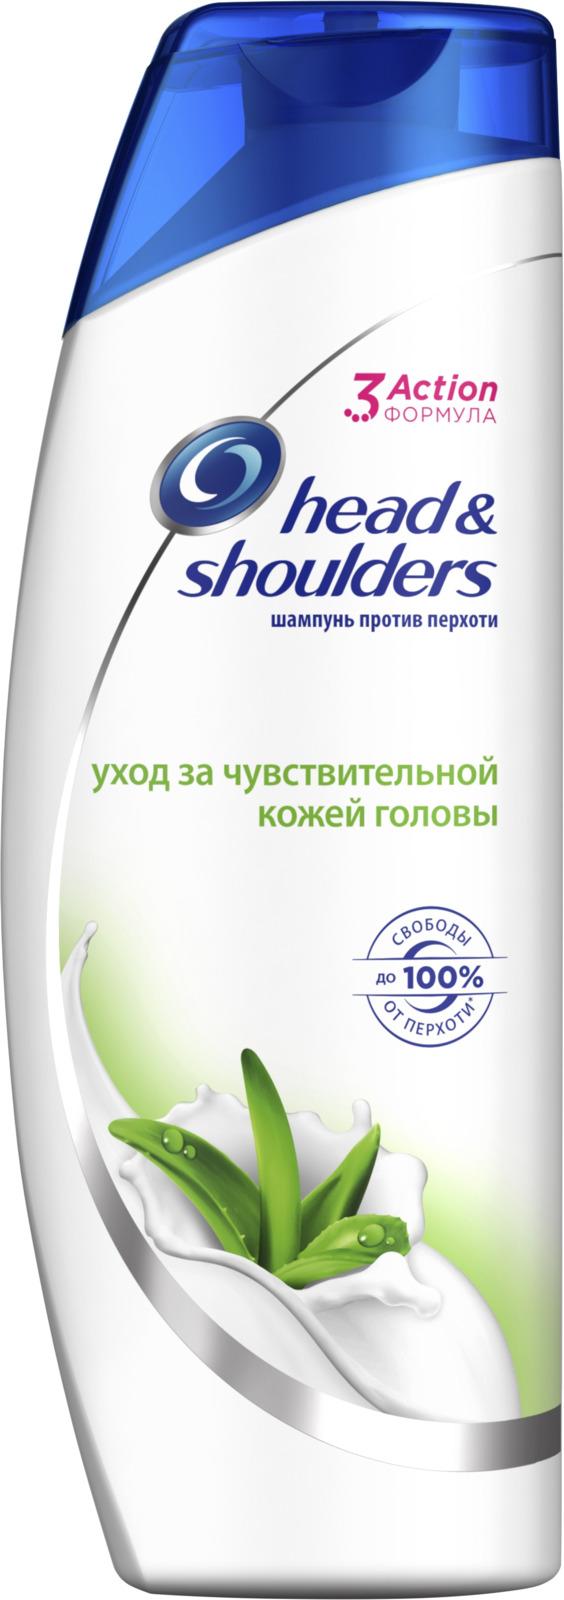 Шампунь против перхоти Head&Shoulders Уход за чувствительной кожей головы, с алоэ вера, 400 мл шампунь против перхоти head